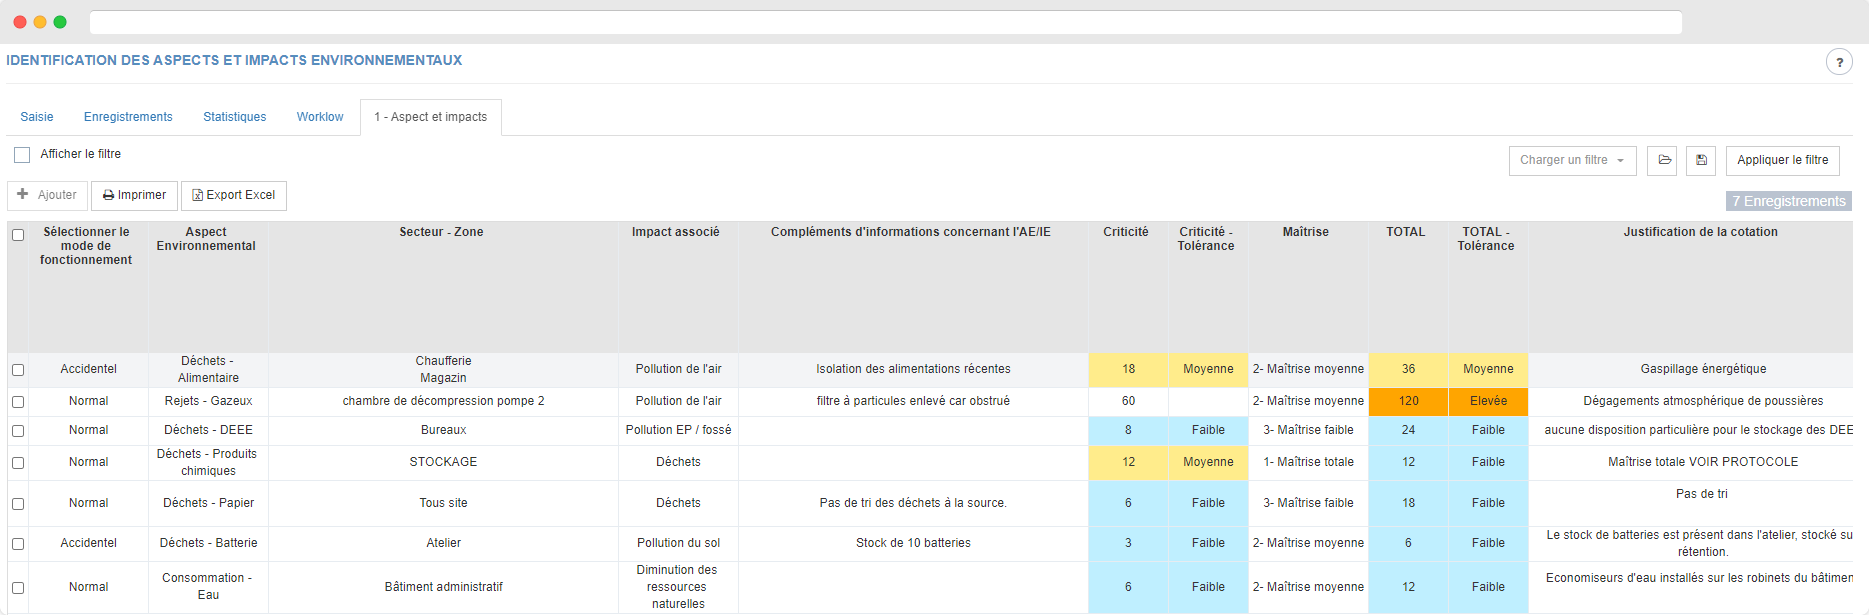 Capture d'écran sur un tableau d'identification des aspects et impacts environnementaux